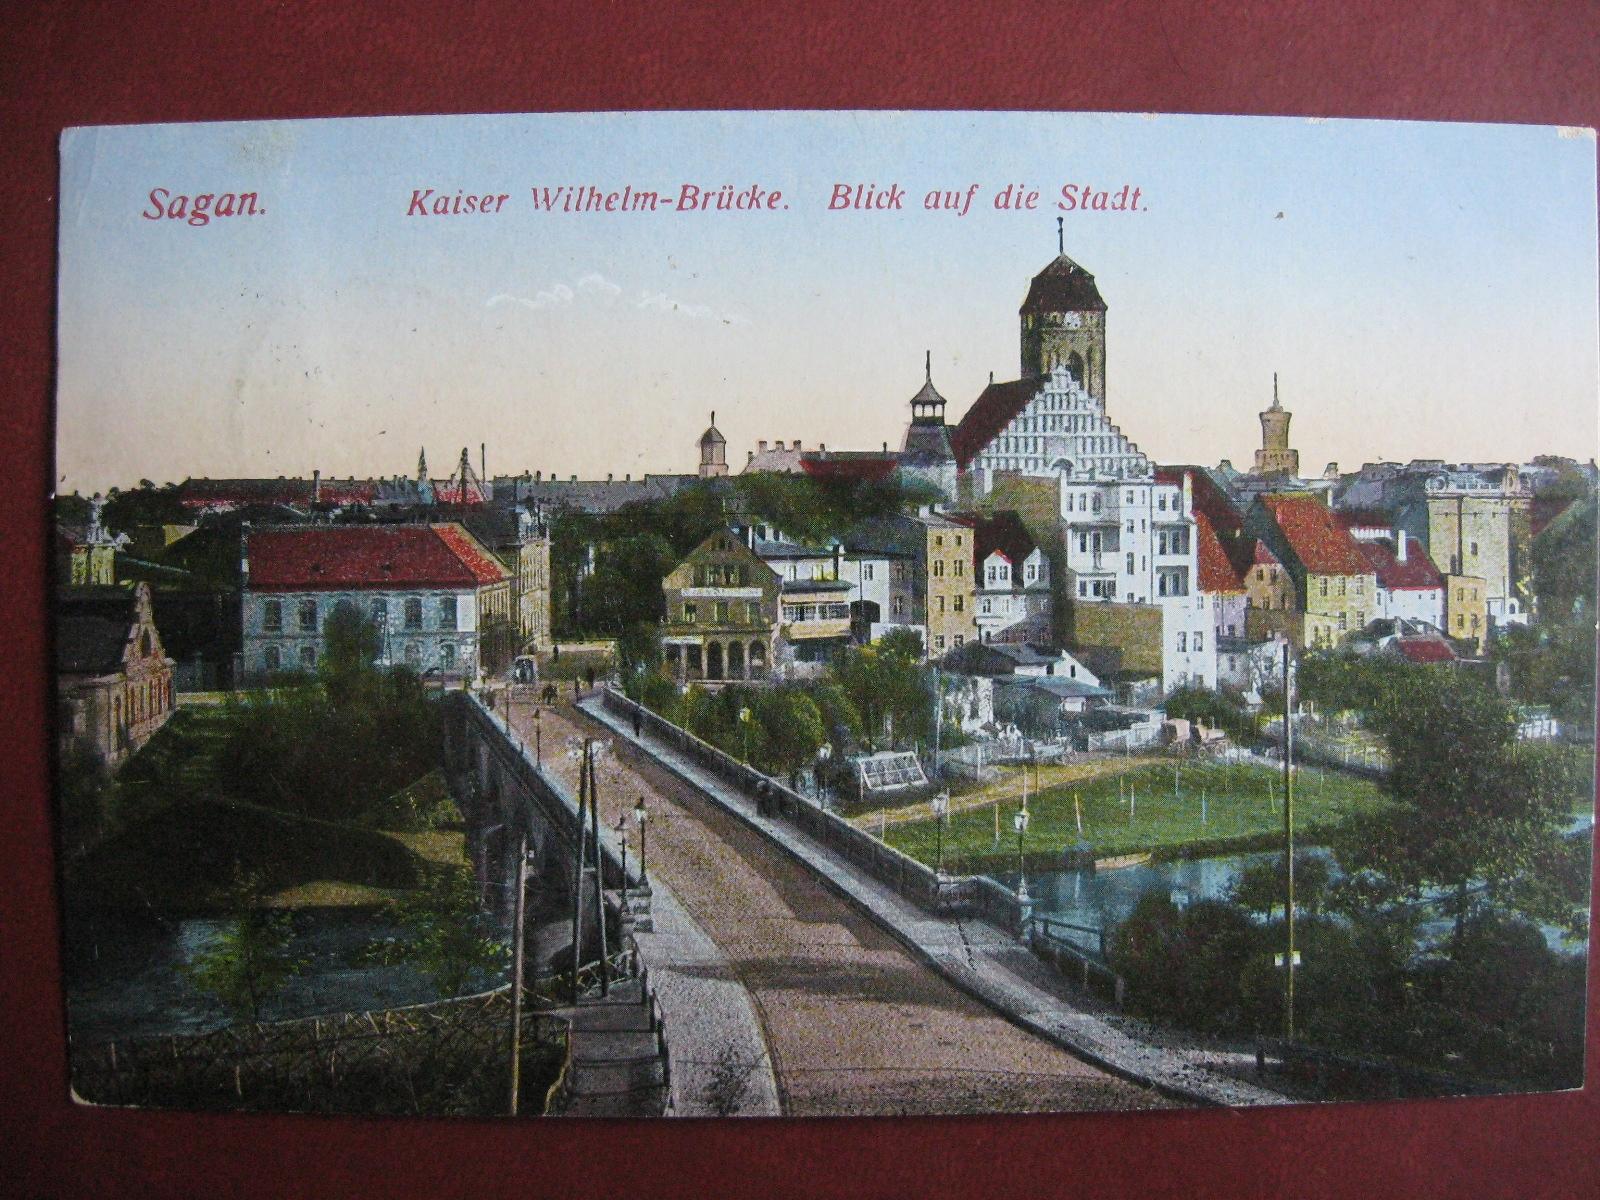 Мост AGAŃ вид на город Саган Вид. SS